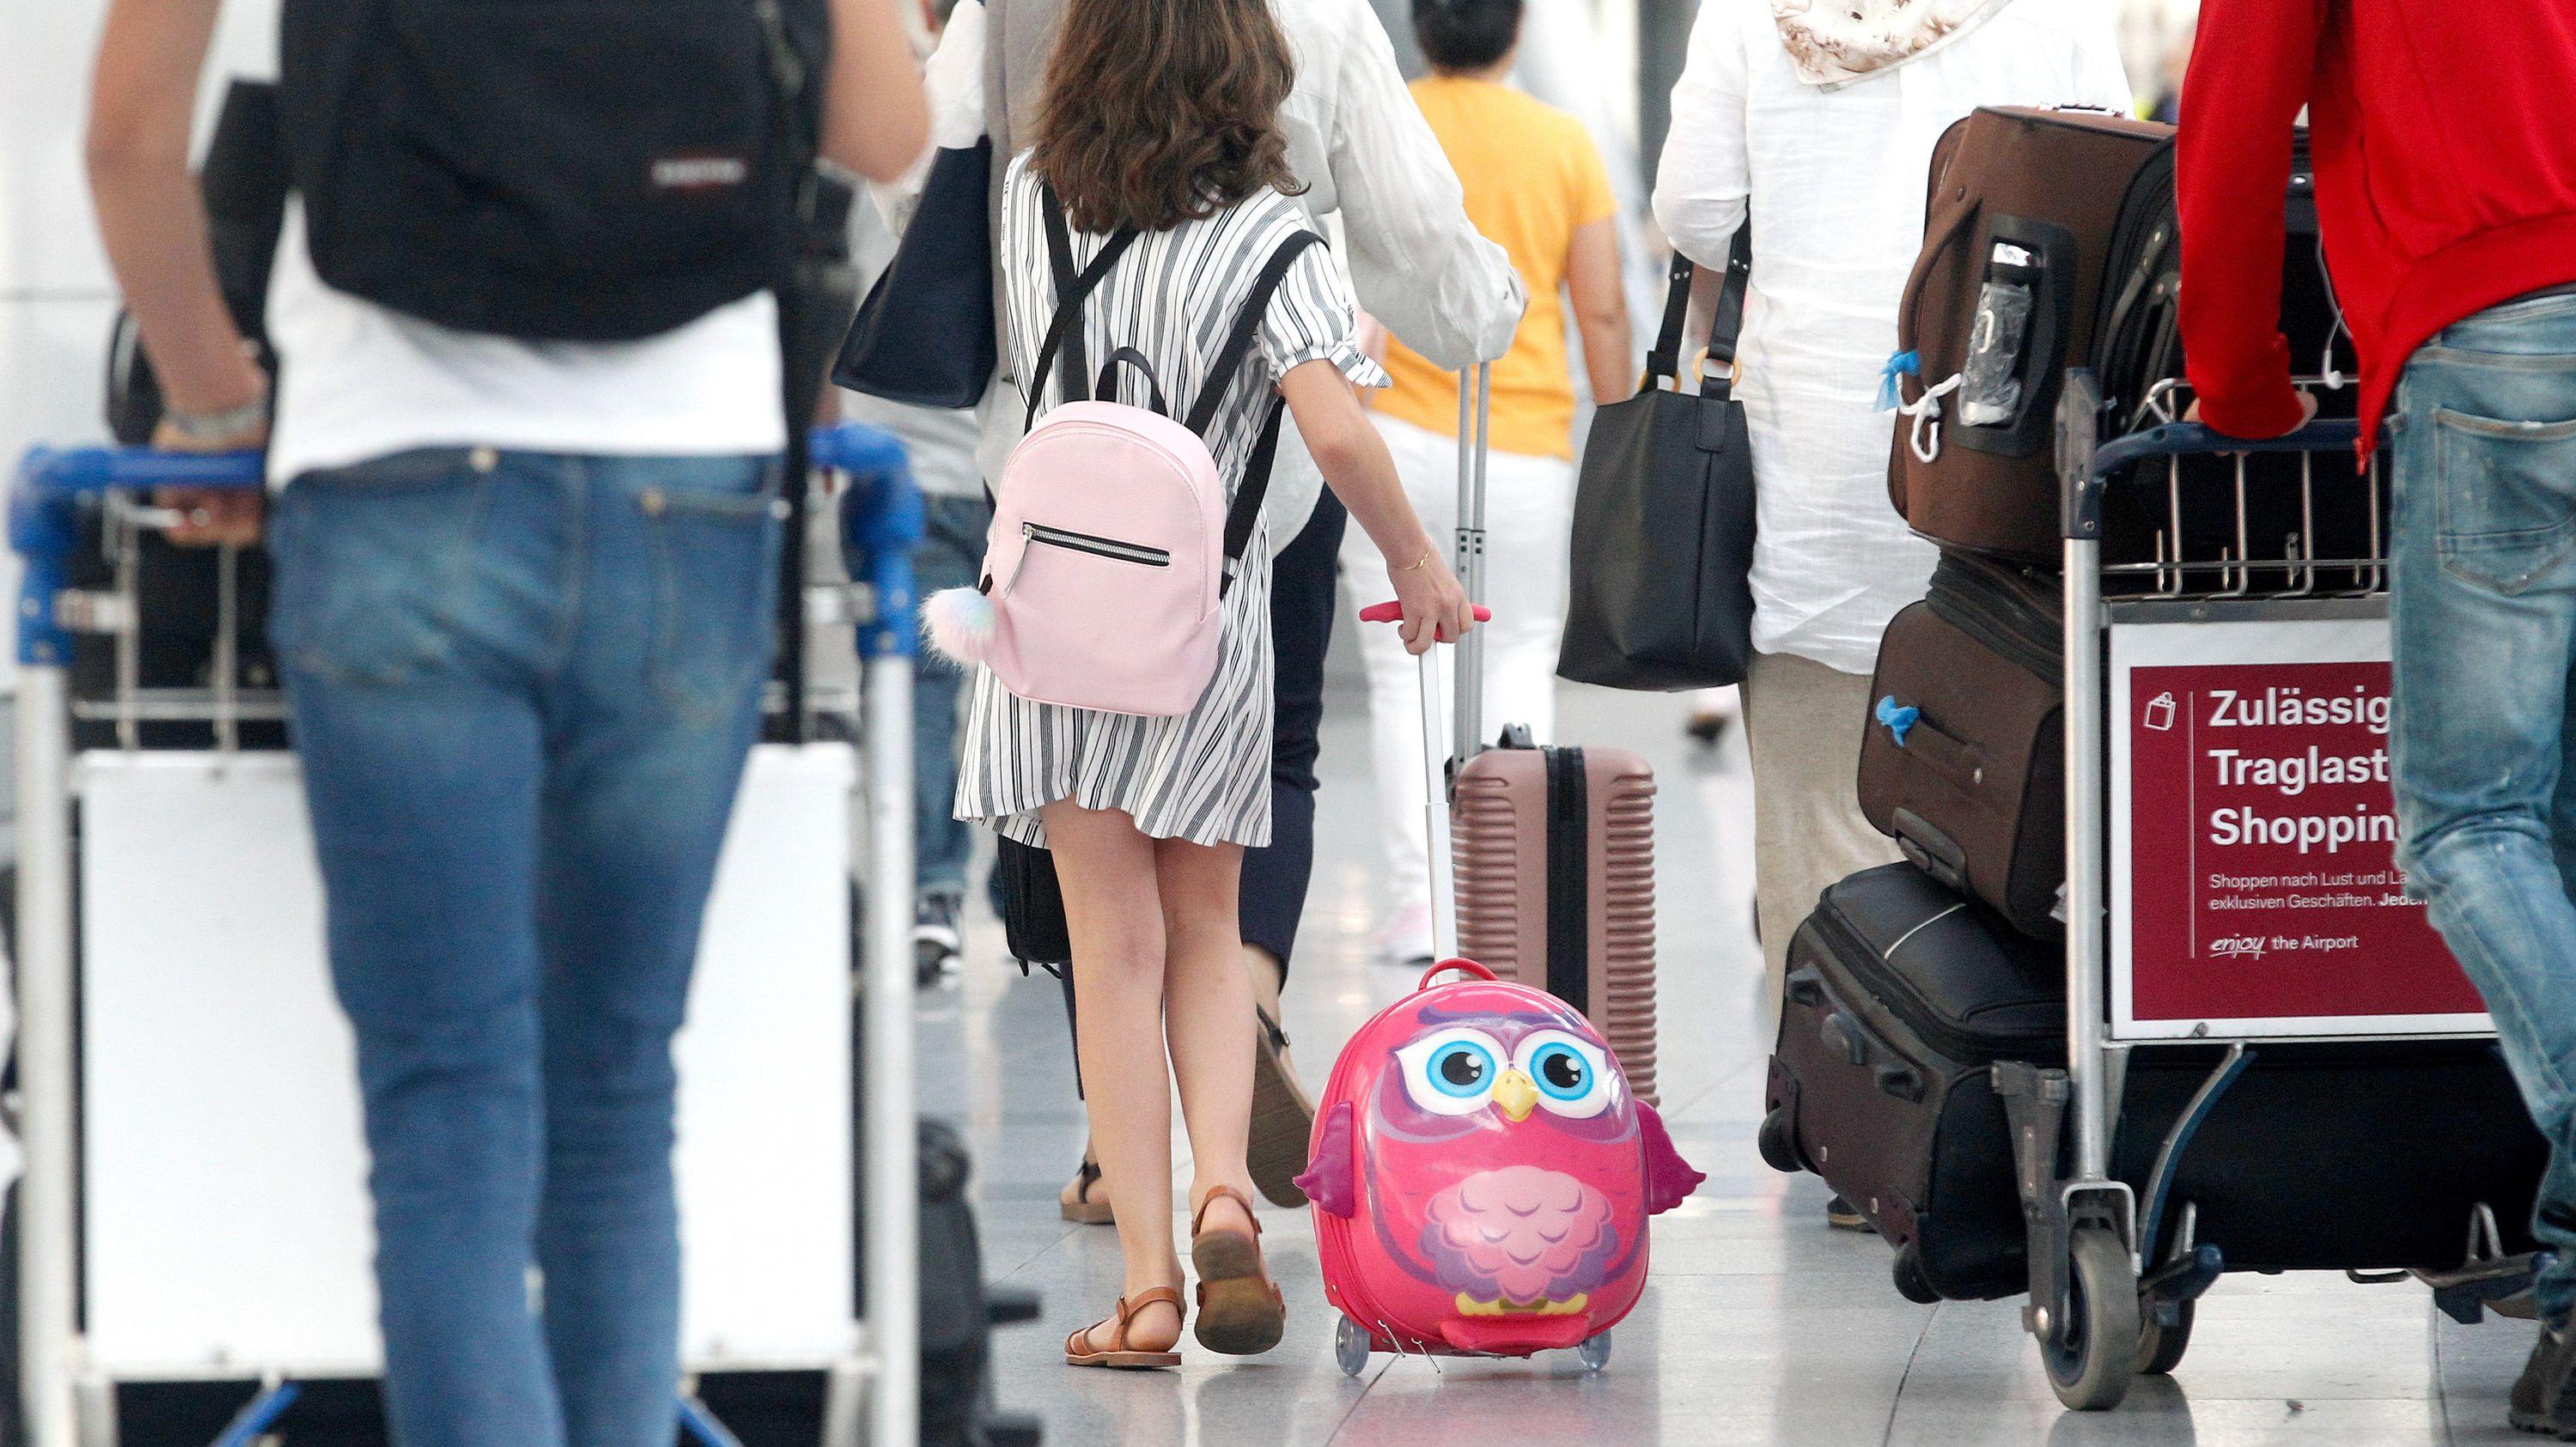 Urlauber am Check-In-Schalter eines Flughafens (Symbolbild)